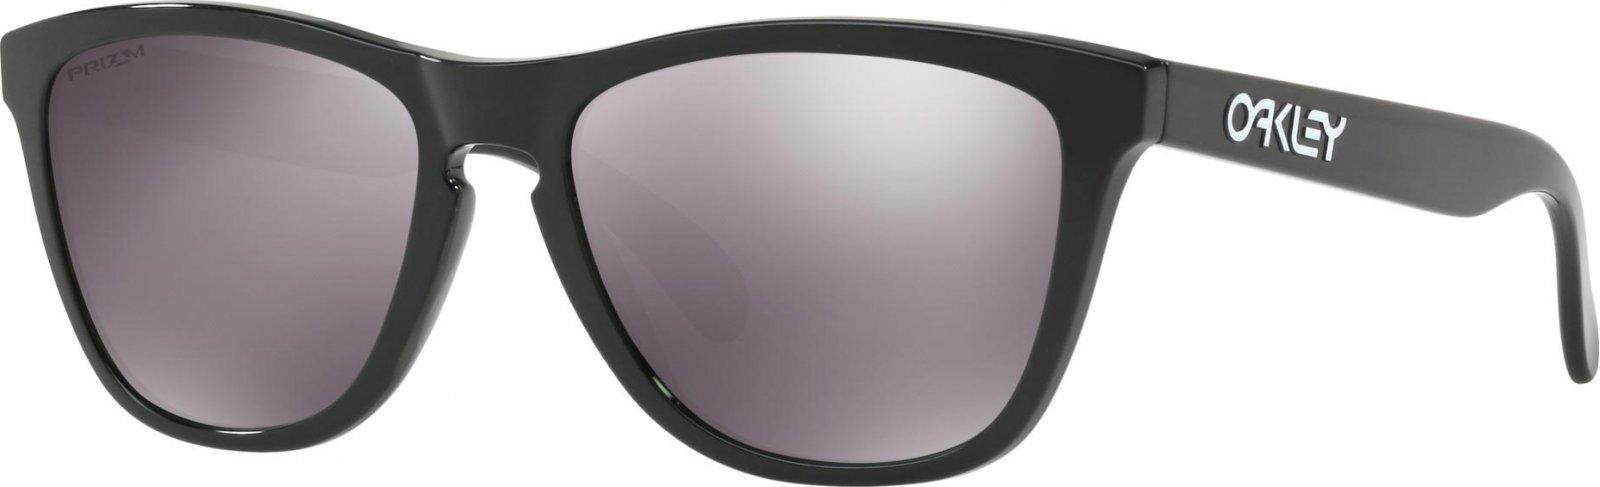 Oakley Frogskins Polished Black Prizm Black od 2 220 Kč • Zboží.cz 65ae7c247f